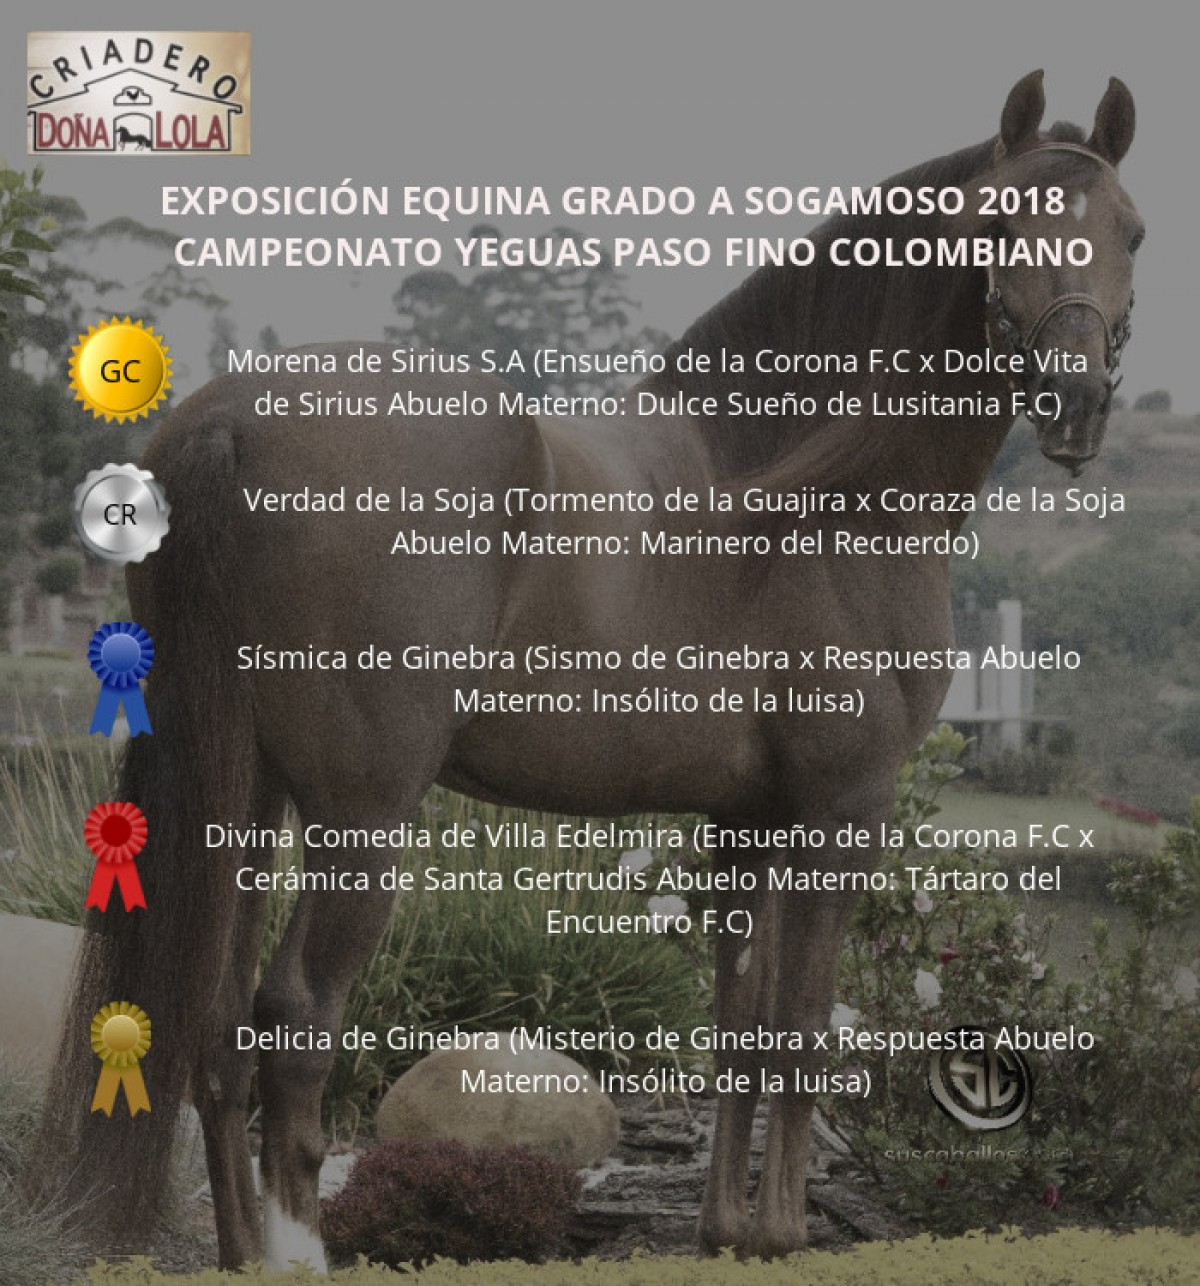 RESULTADOS Exposición Equina Grado A Sogamoso 2018 - PASO FINO COLOMBIANO